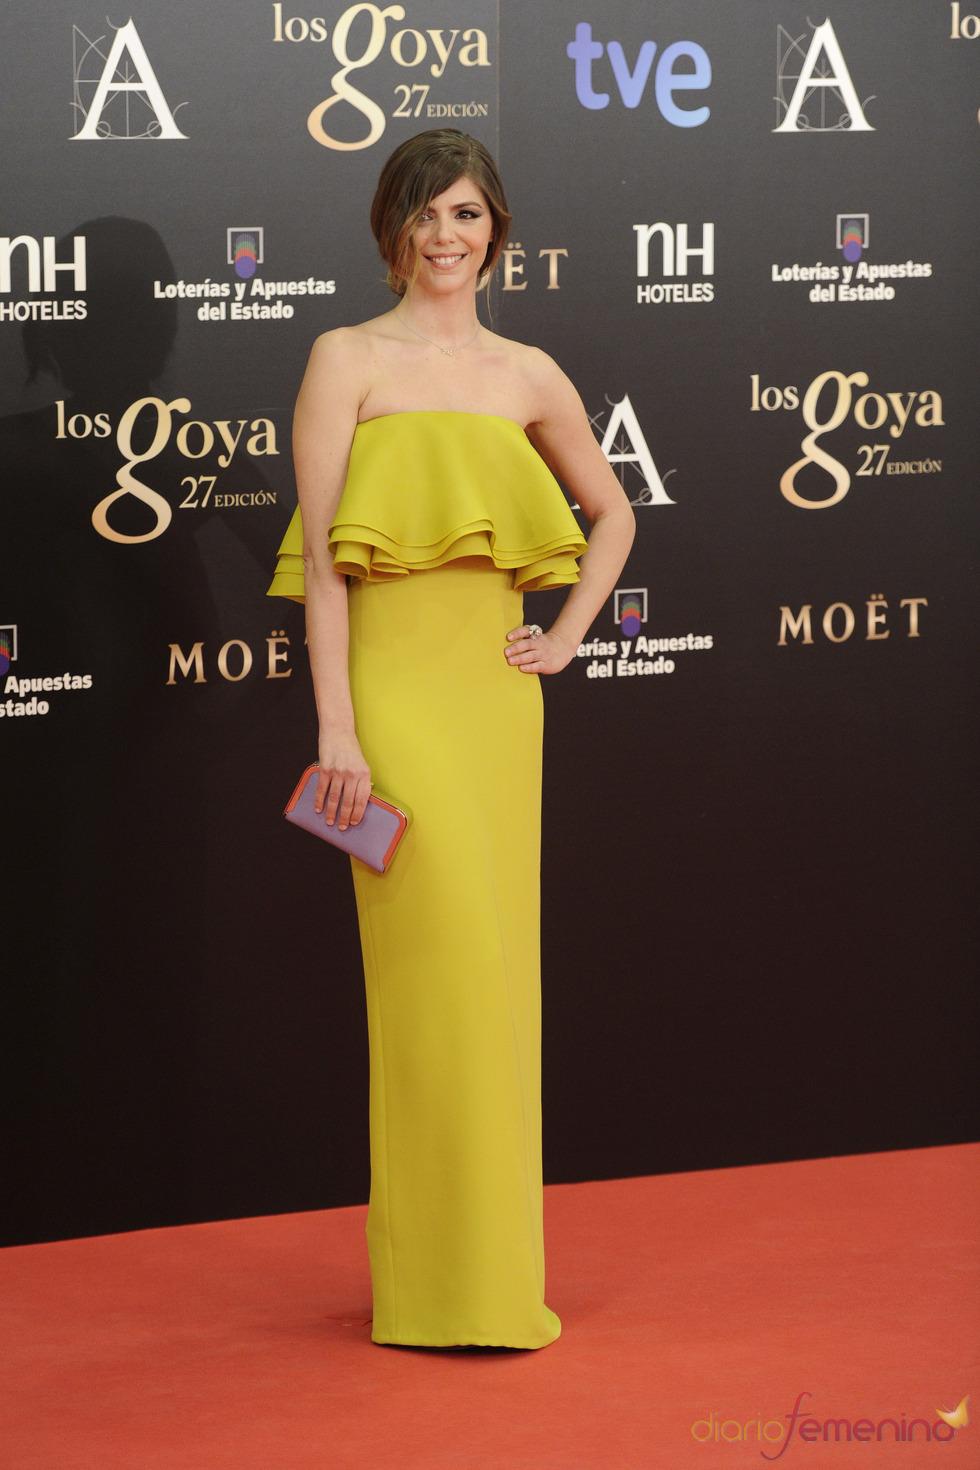 Manuela Velasco en la alfombra roja de los Goya 2013